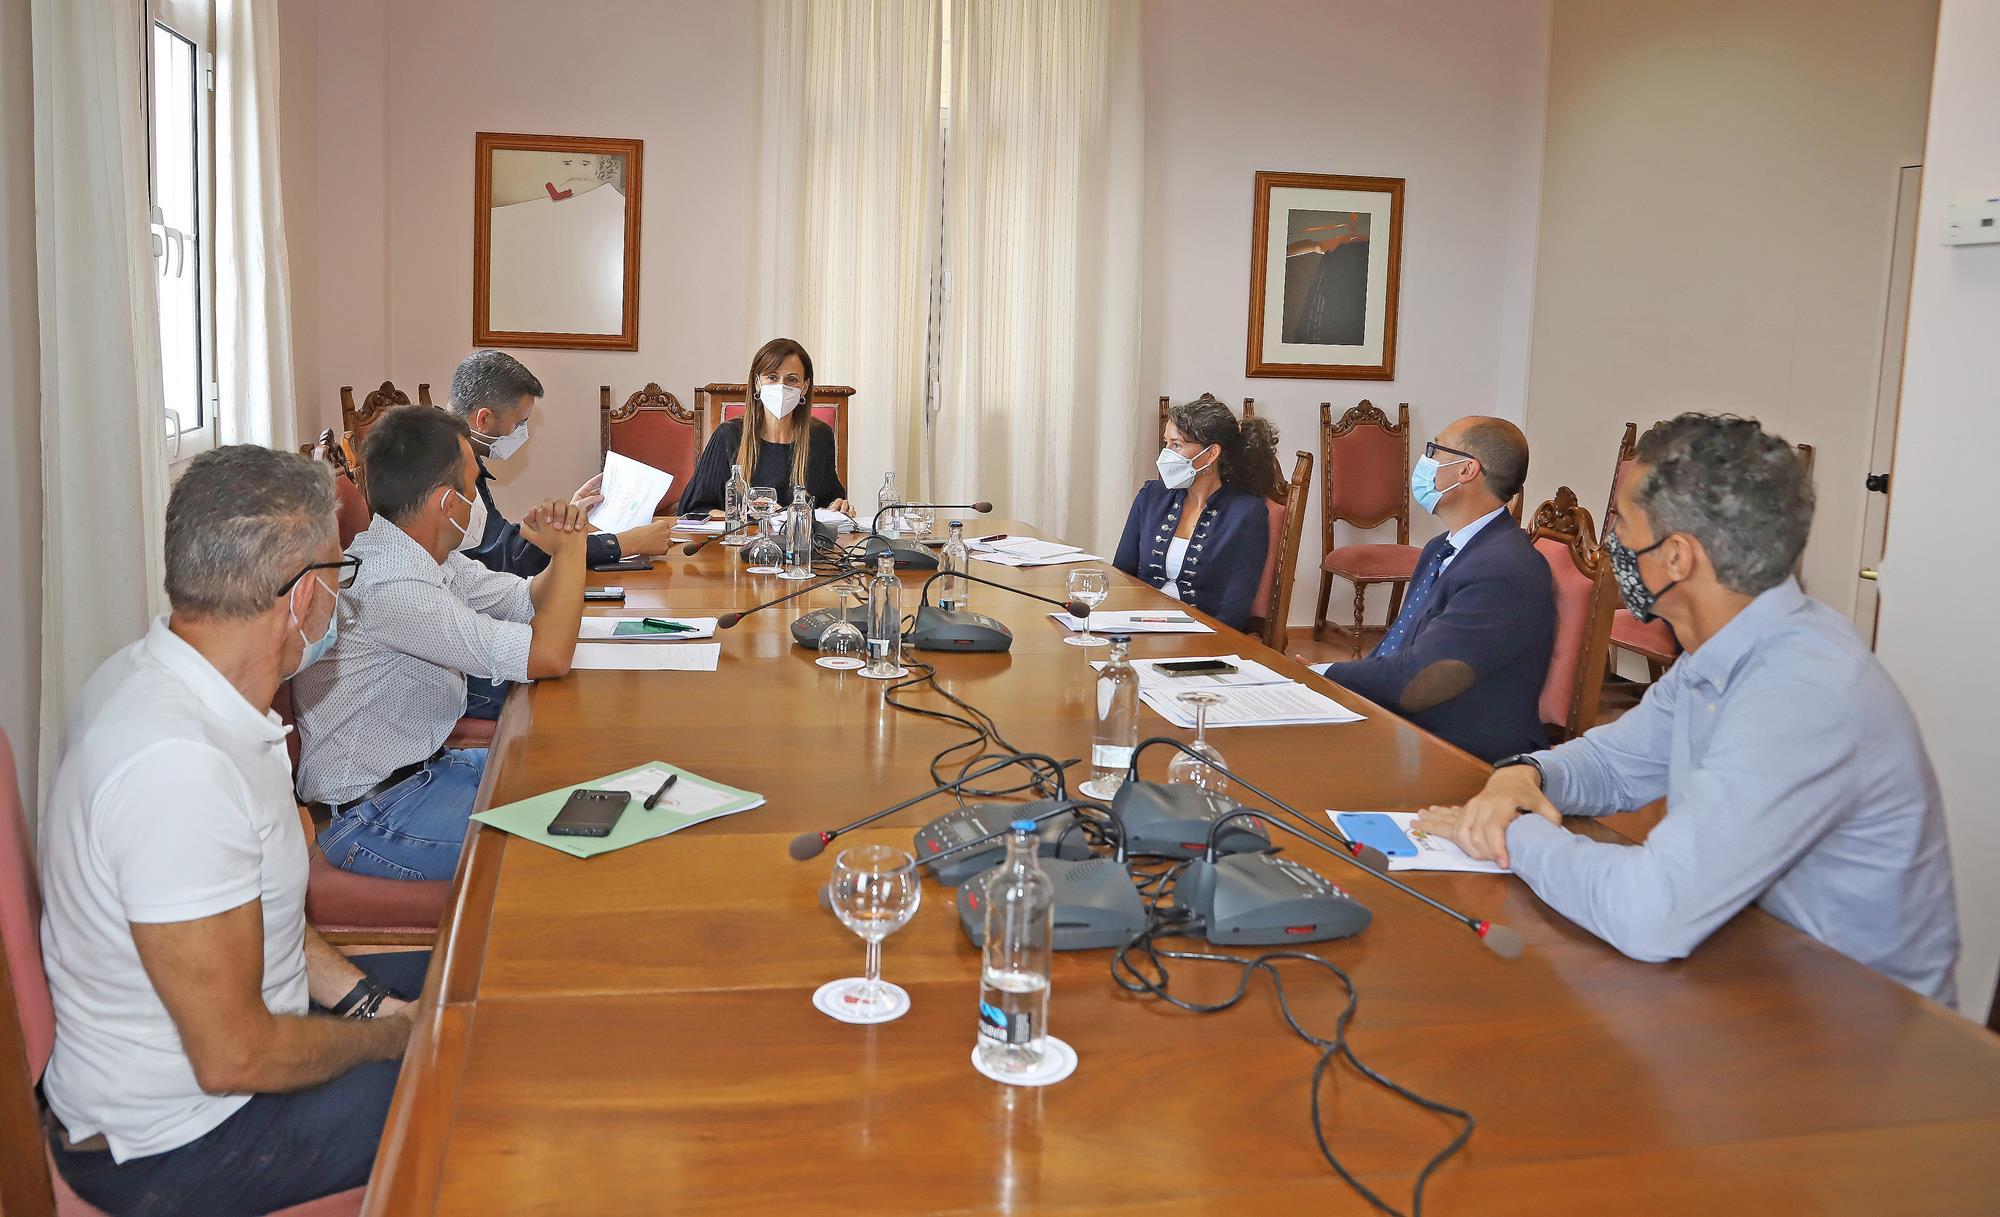 Cabildo, Consorcio y Gobierno de Canarias trabajan en la mejora de la Red de Emergencias y Seguridad en Lanzarote